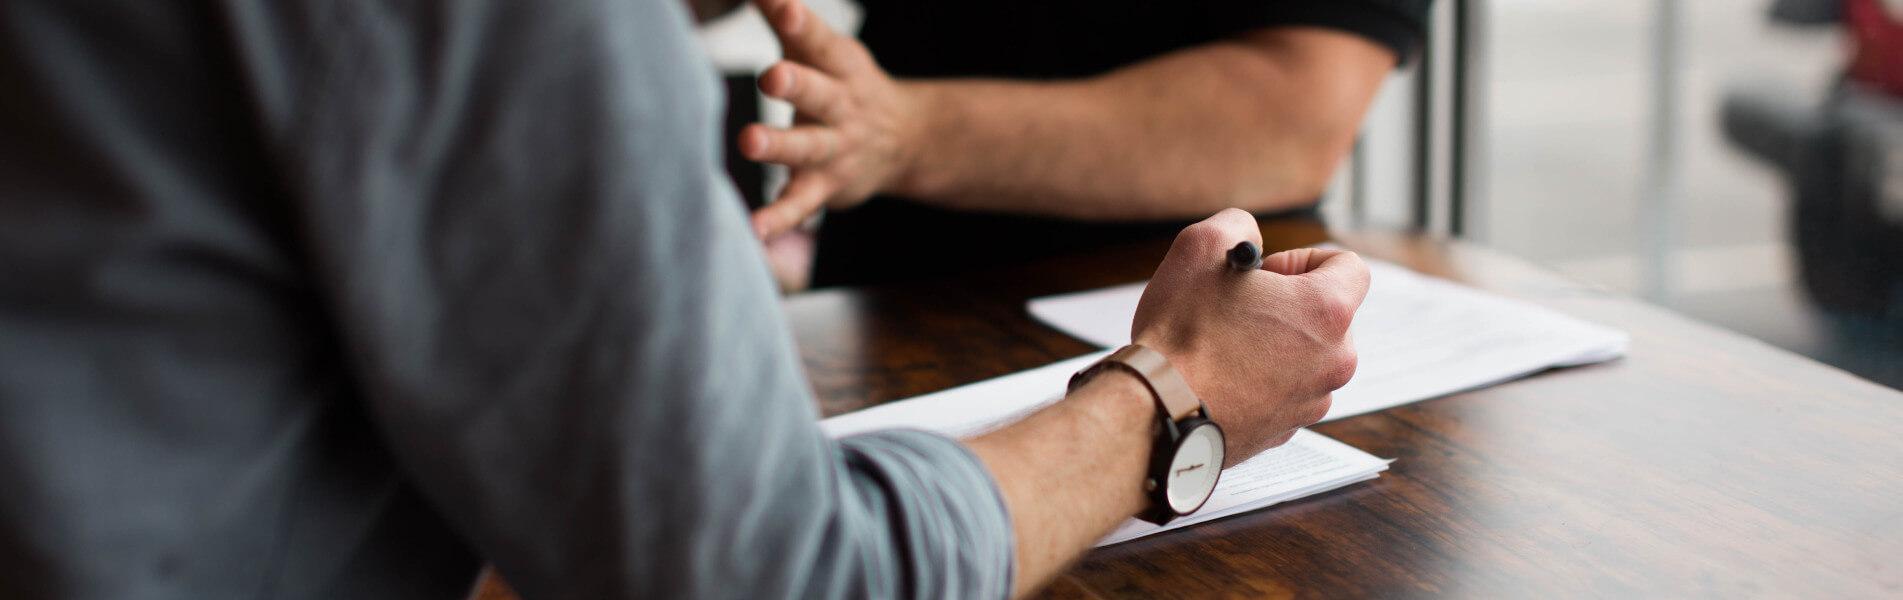 Checkliste Mittelstandsfinanzierung